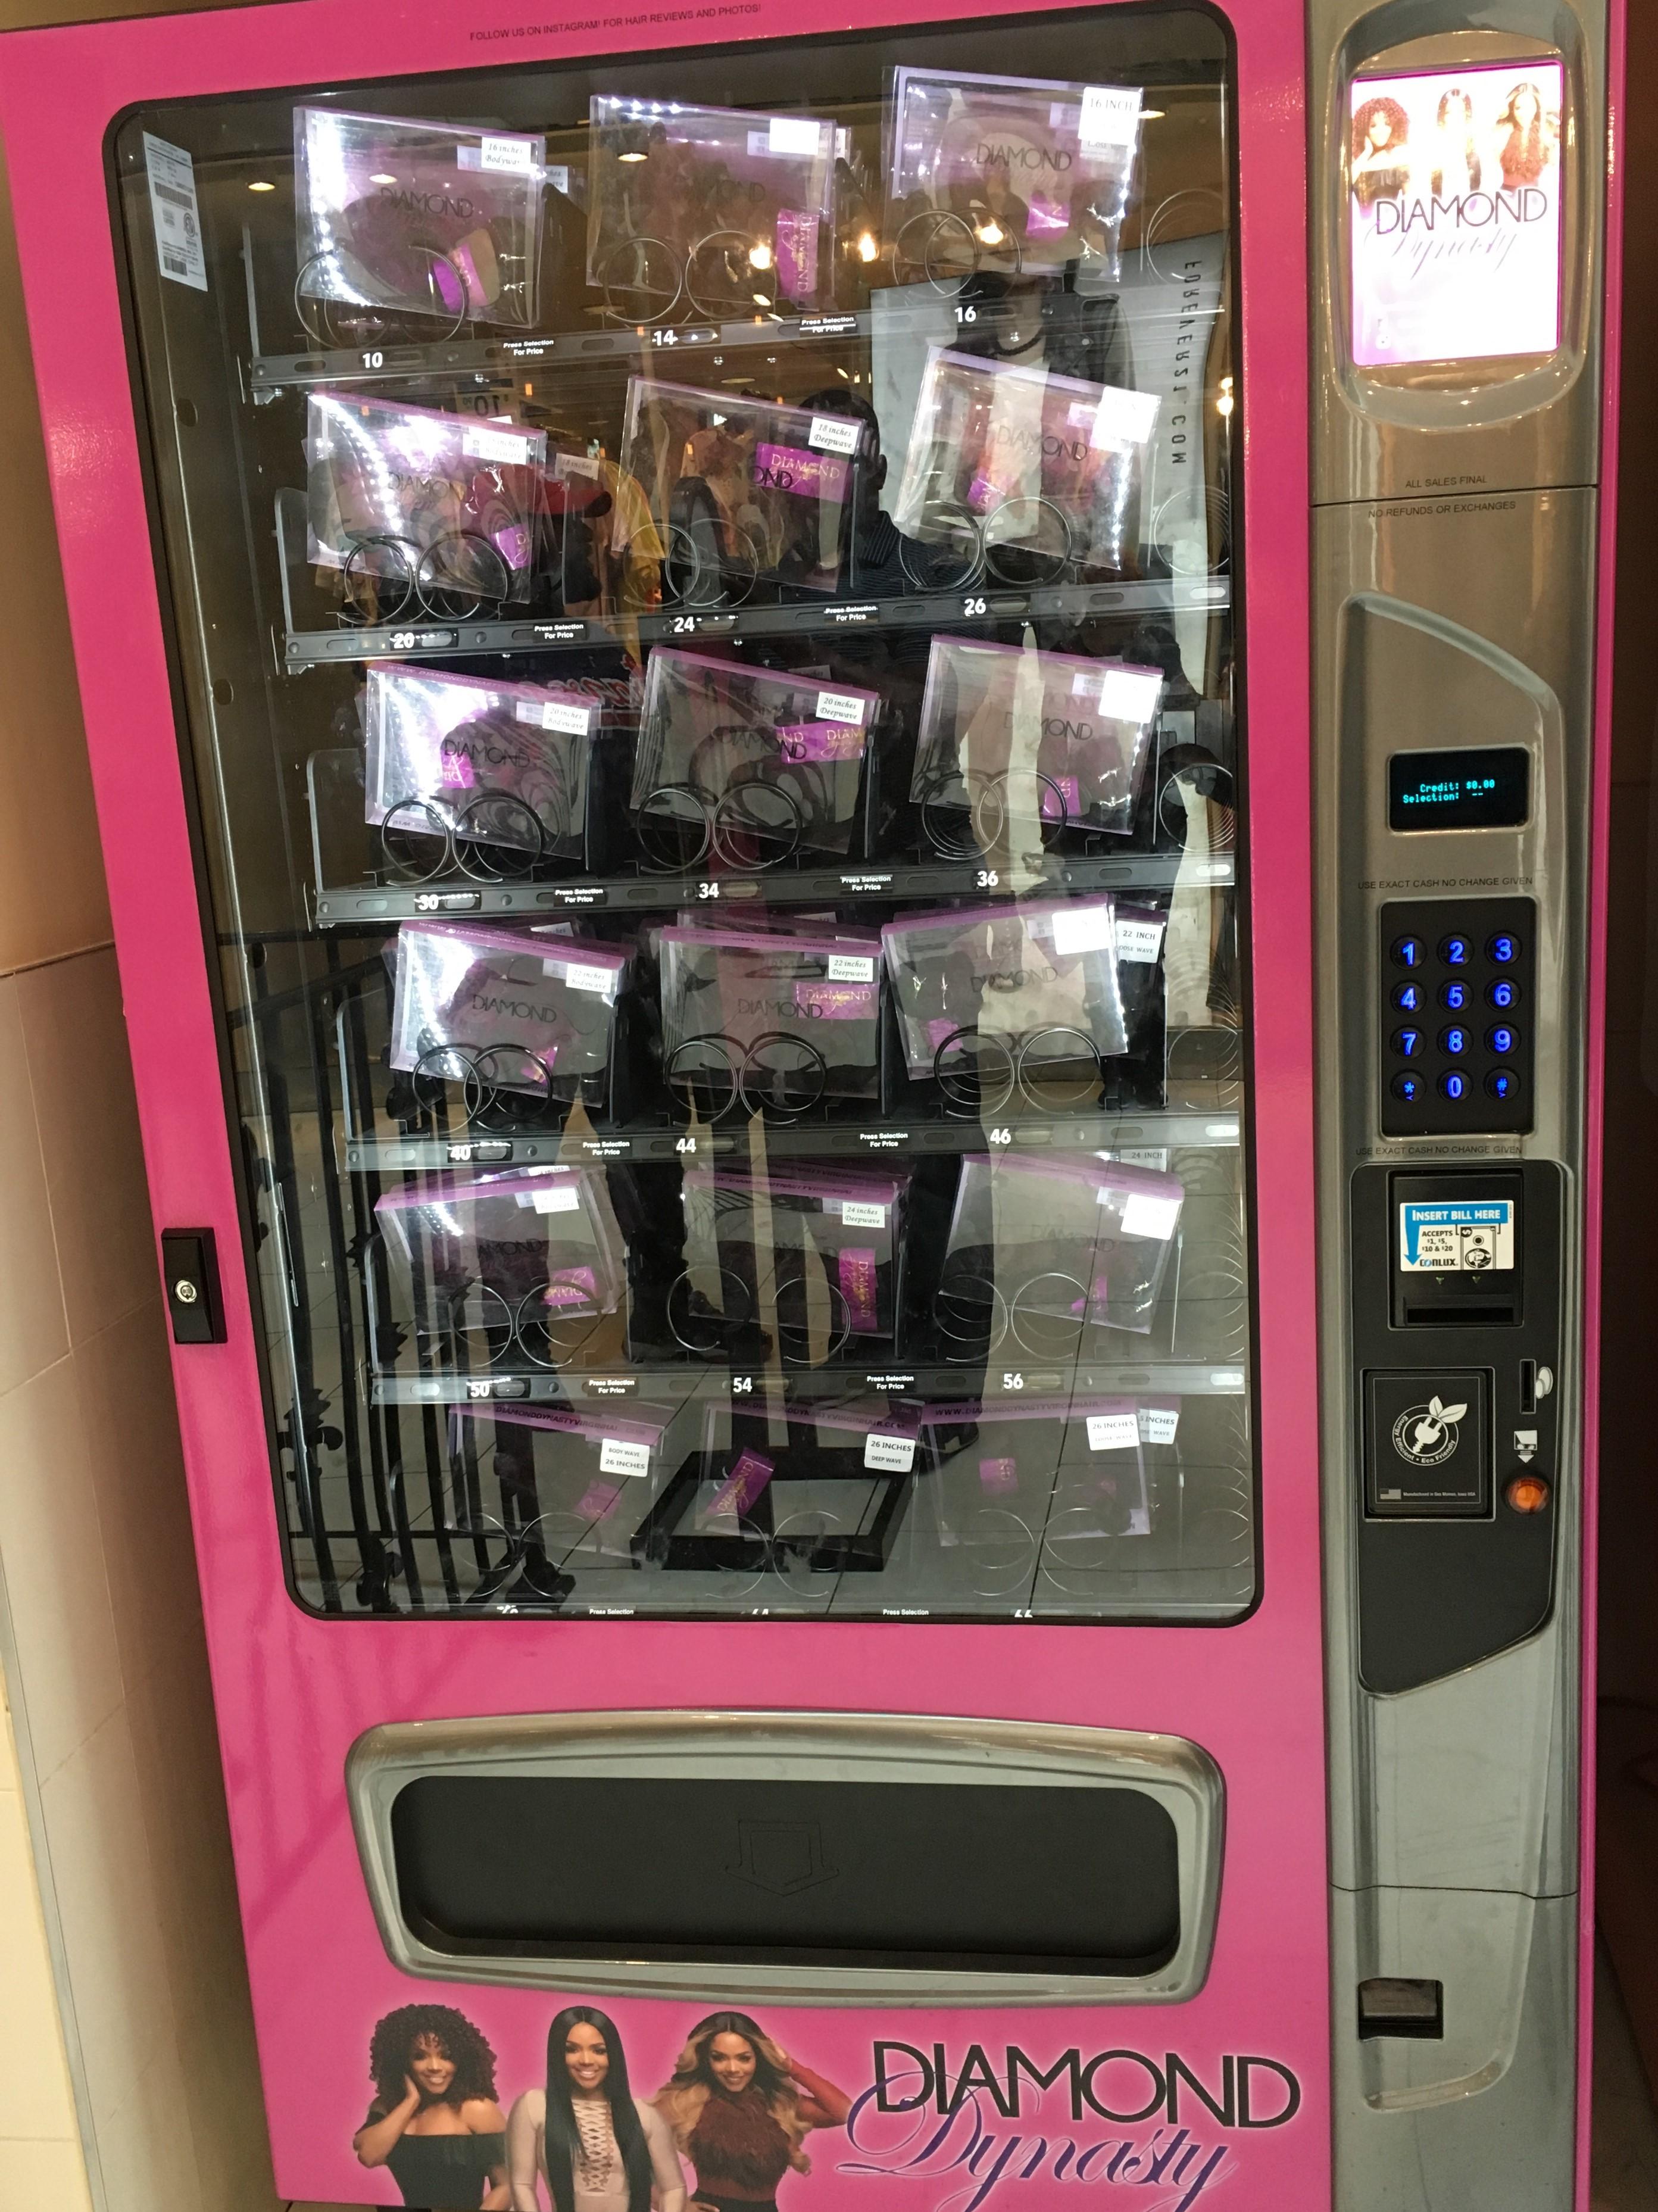 Weave Vending Machines Let S Talk About It